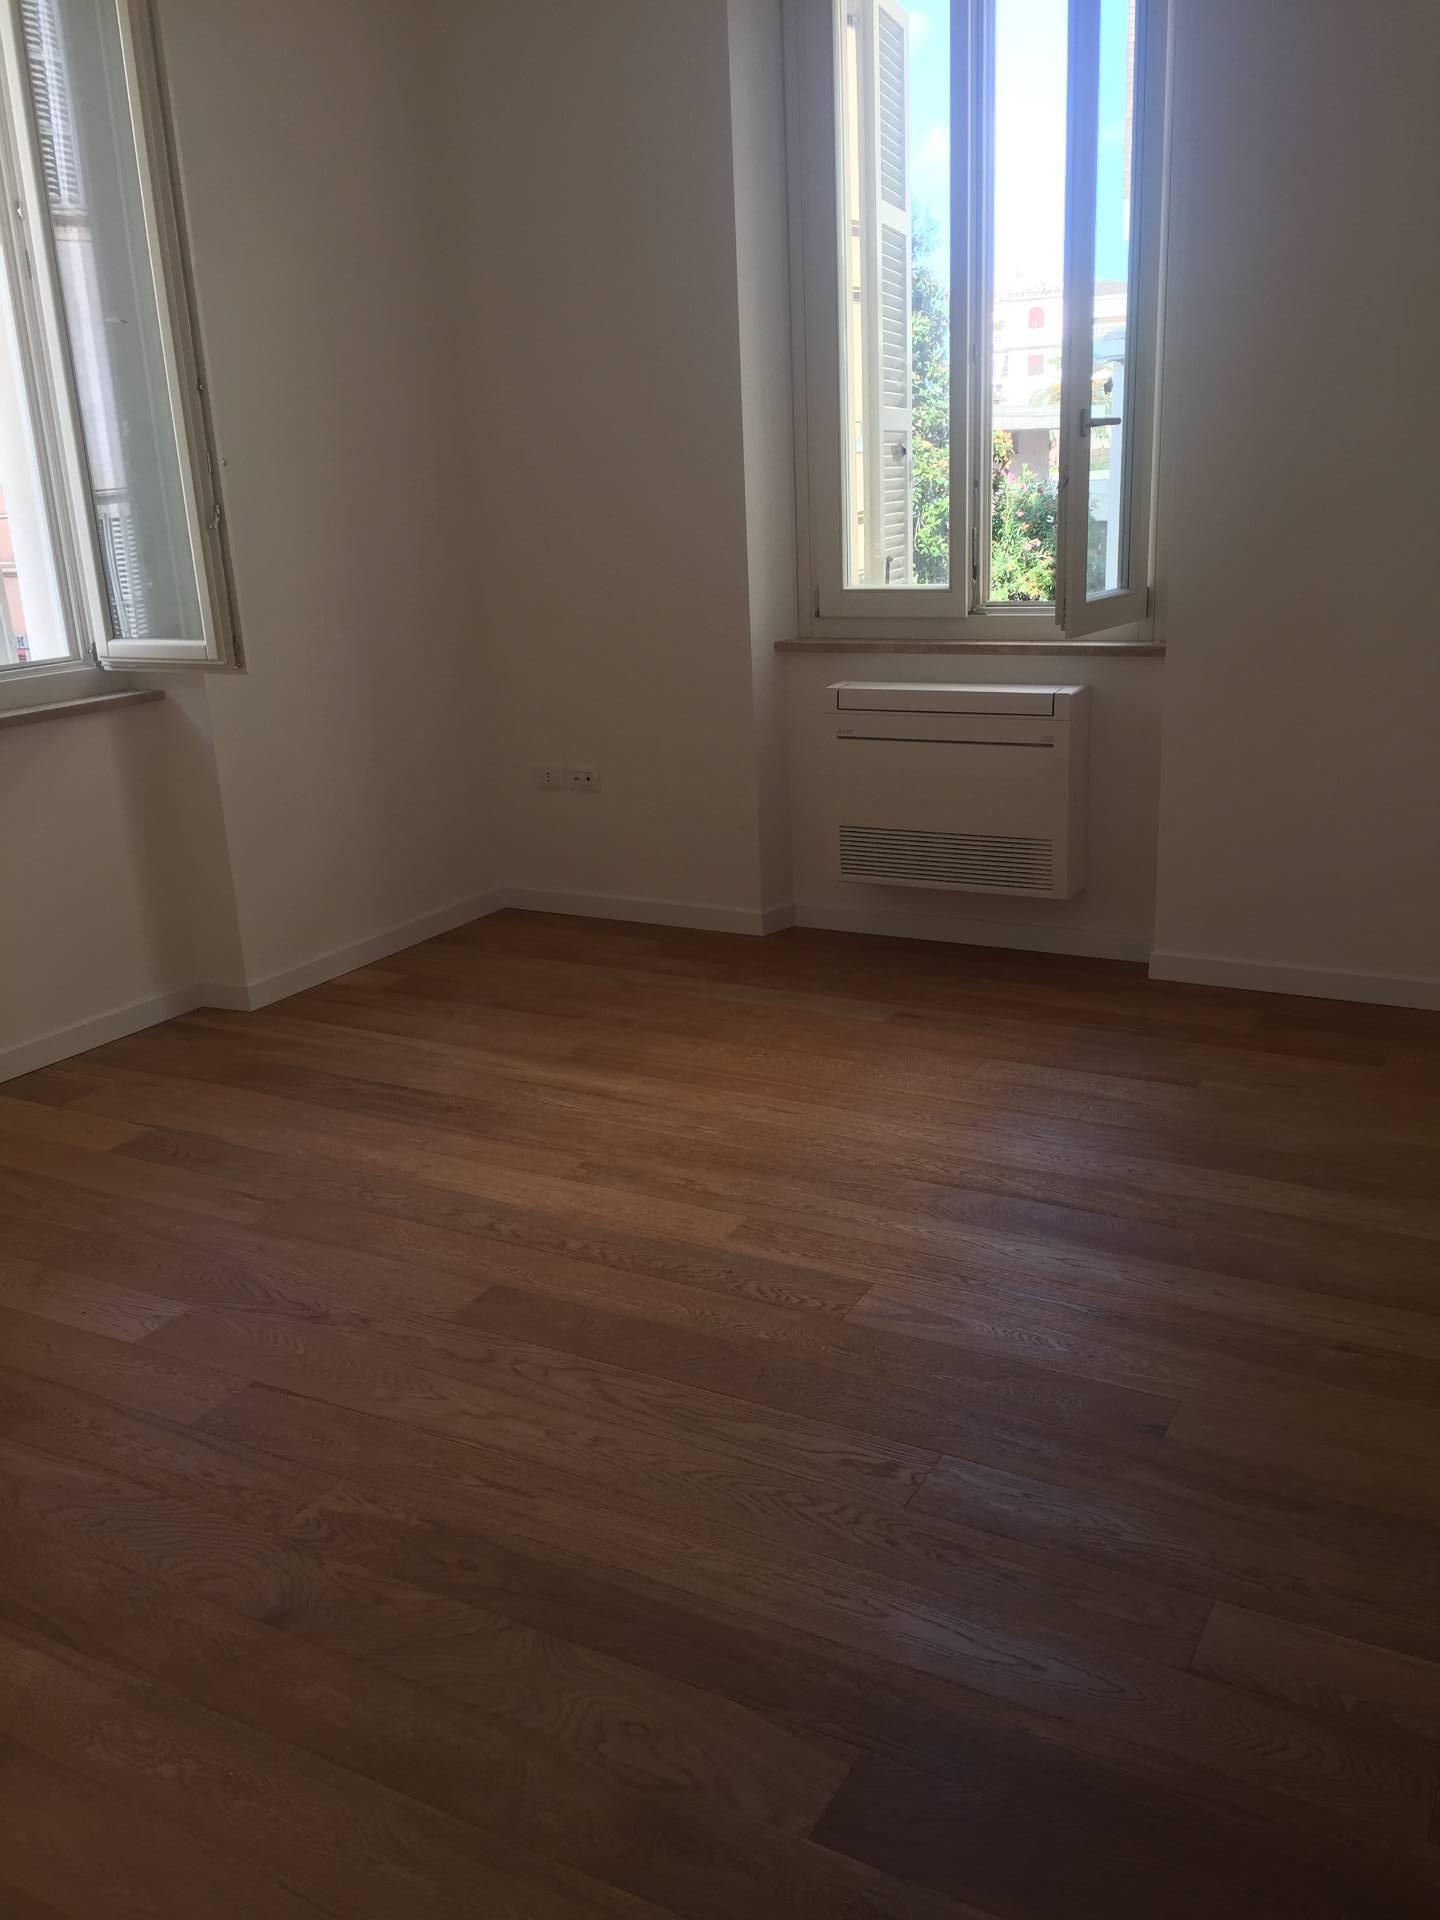 Appartamento in affitto a San Benedetto del Tronto, 2 locali, zona Località: Centralissima, prezzo € 180.000   CambioCasa.it